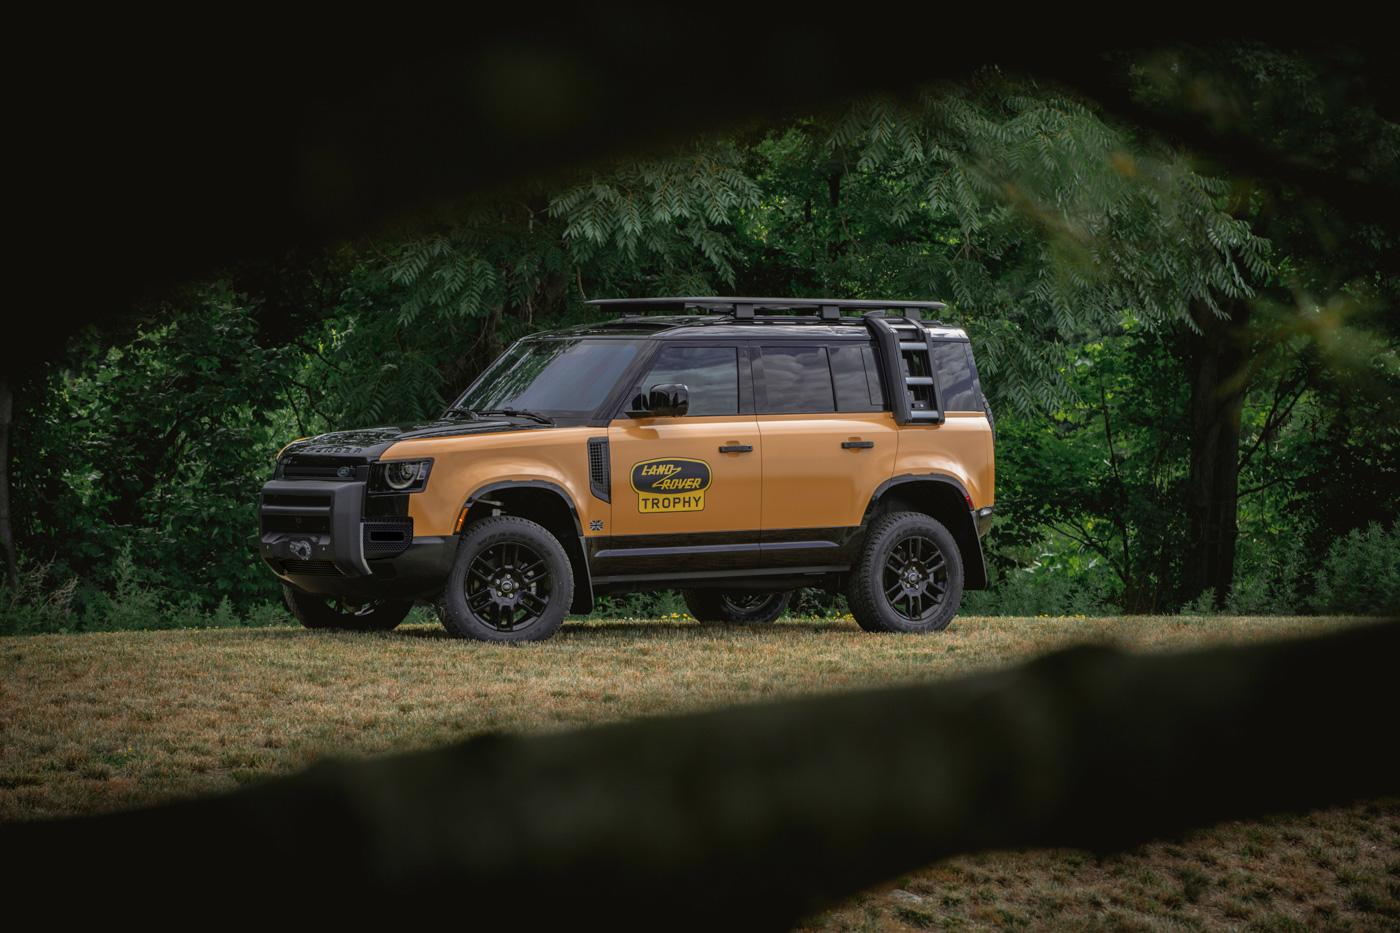 Land-Rover-Defender-L663-Trophy-Edition-1.jpg